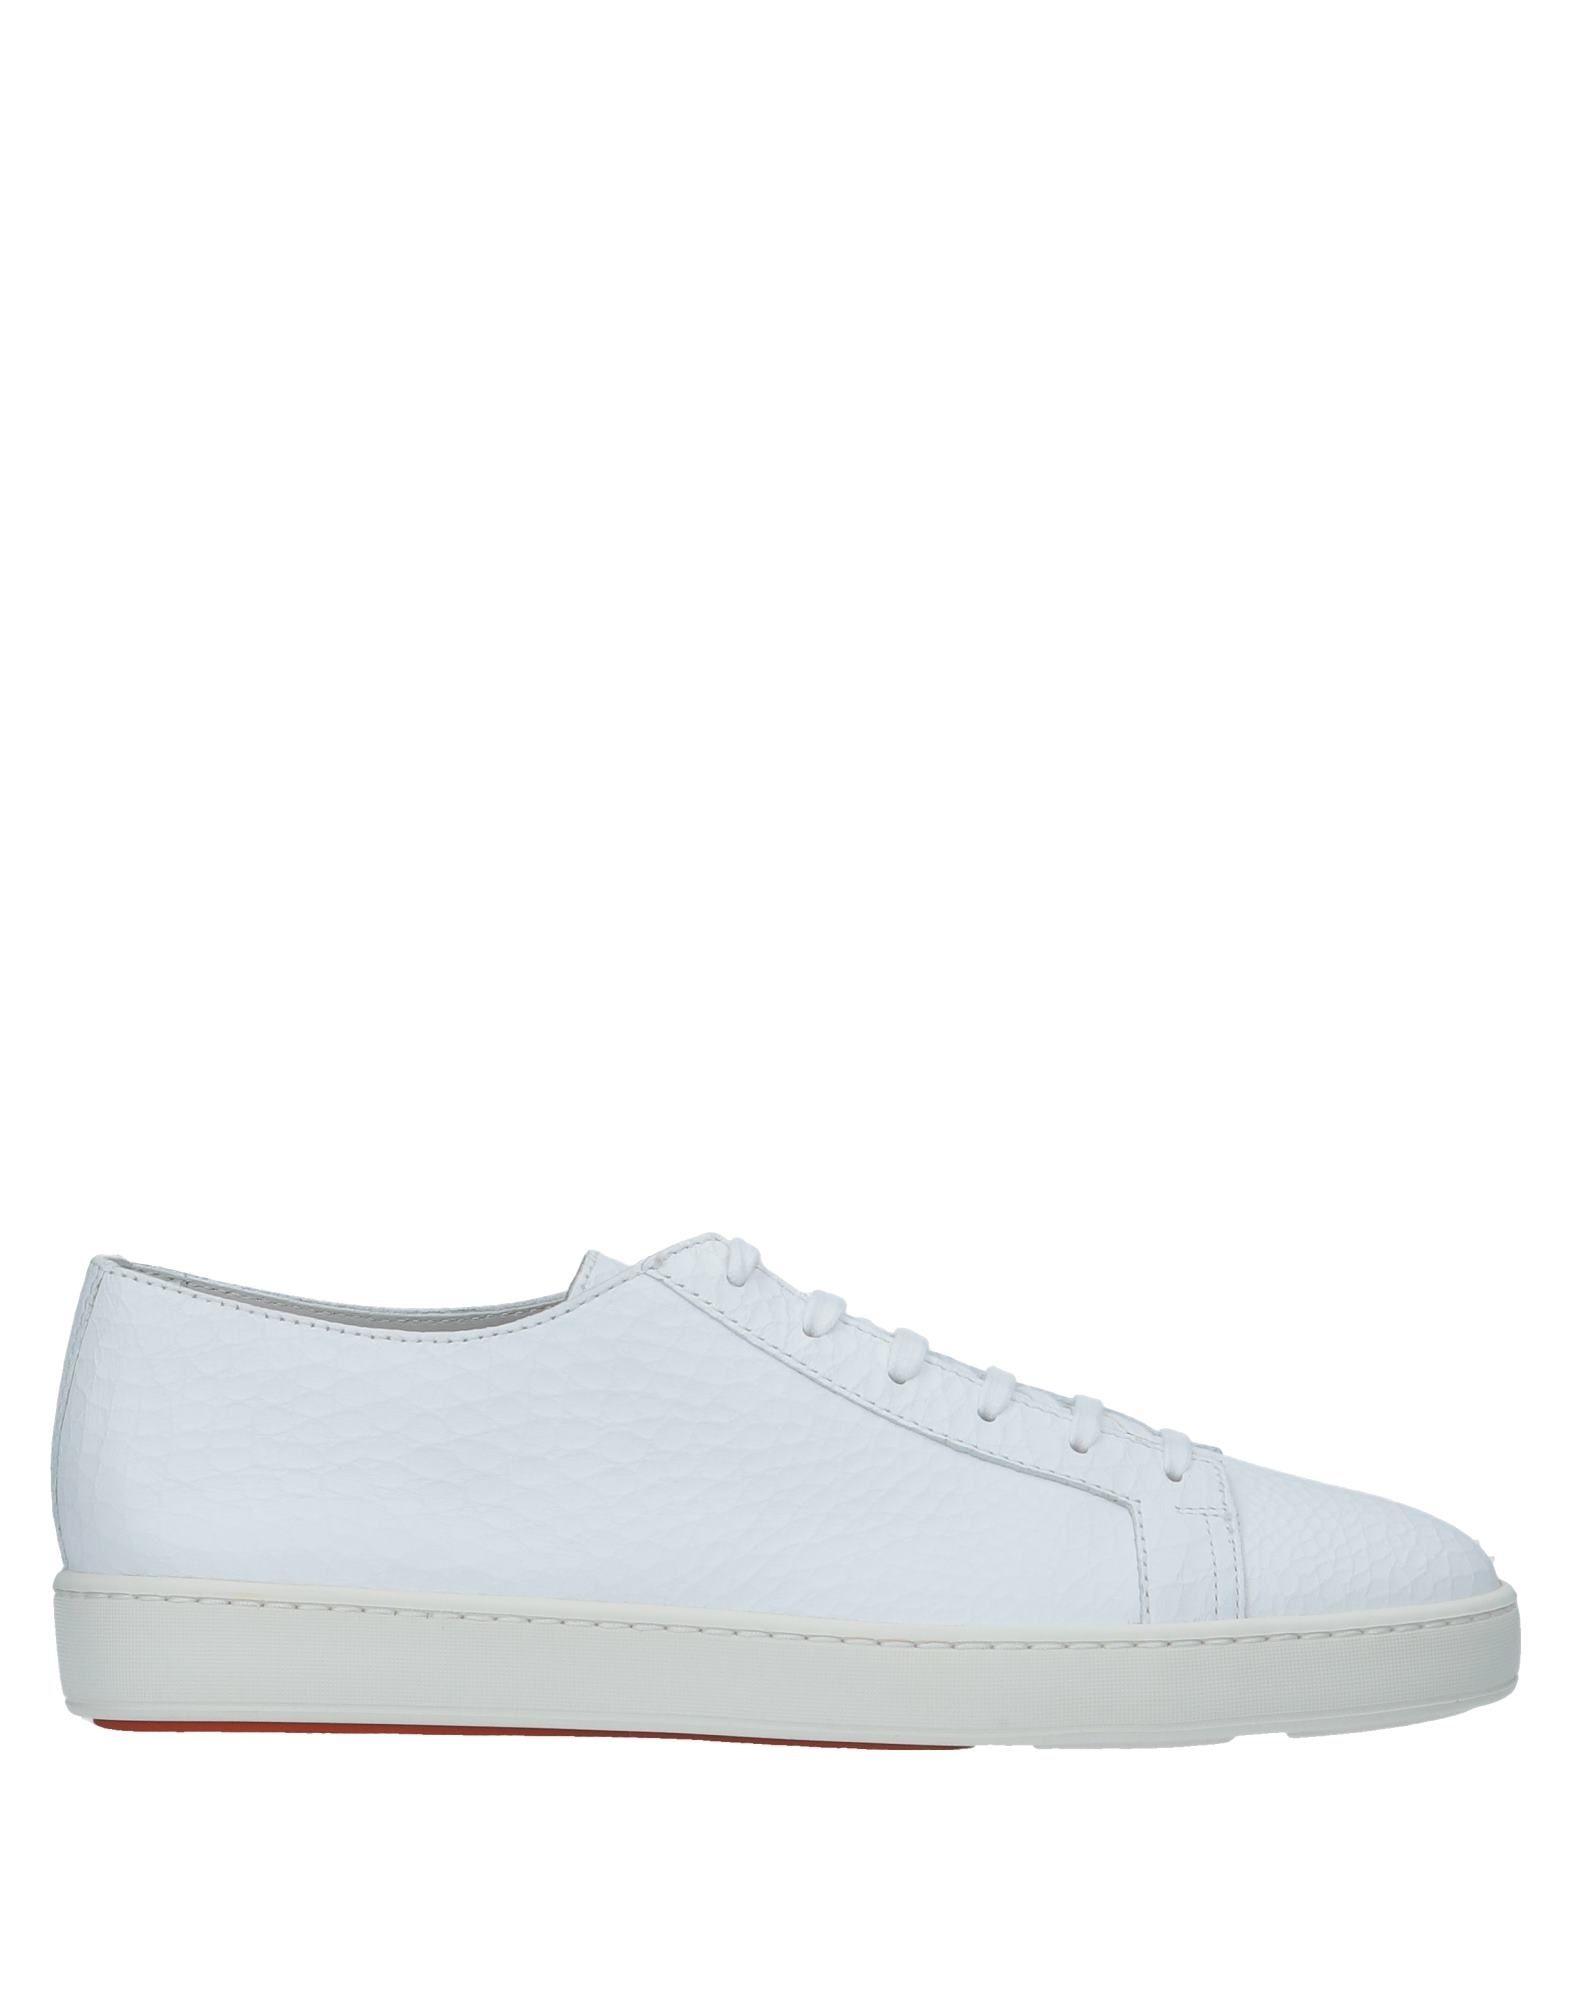 Santoni Sneakers Herren  11543651QQ Gute Qualität beliebte Schuhe